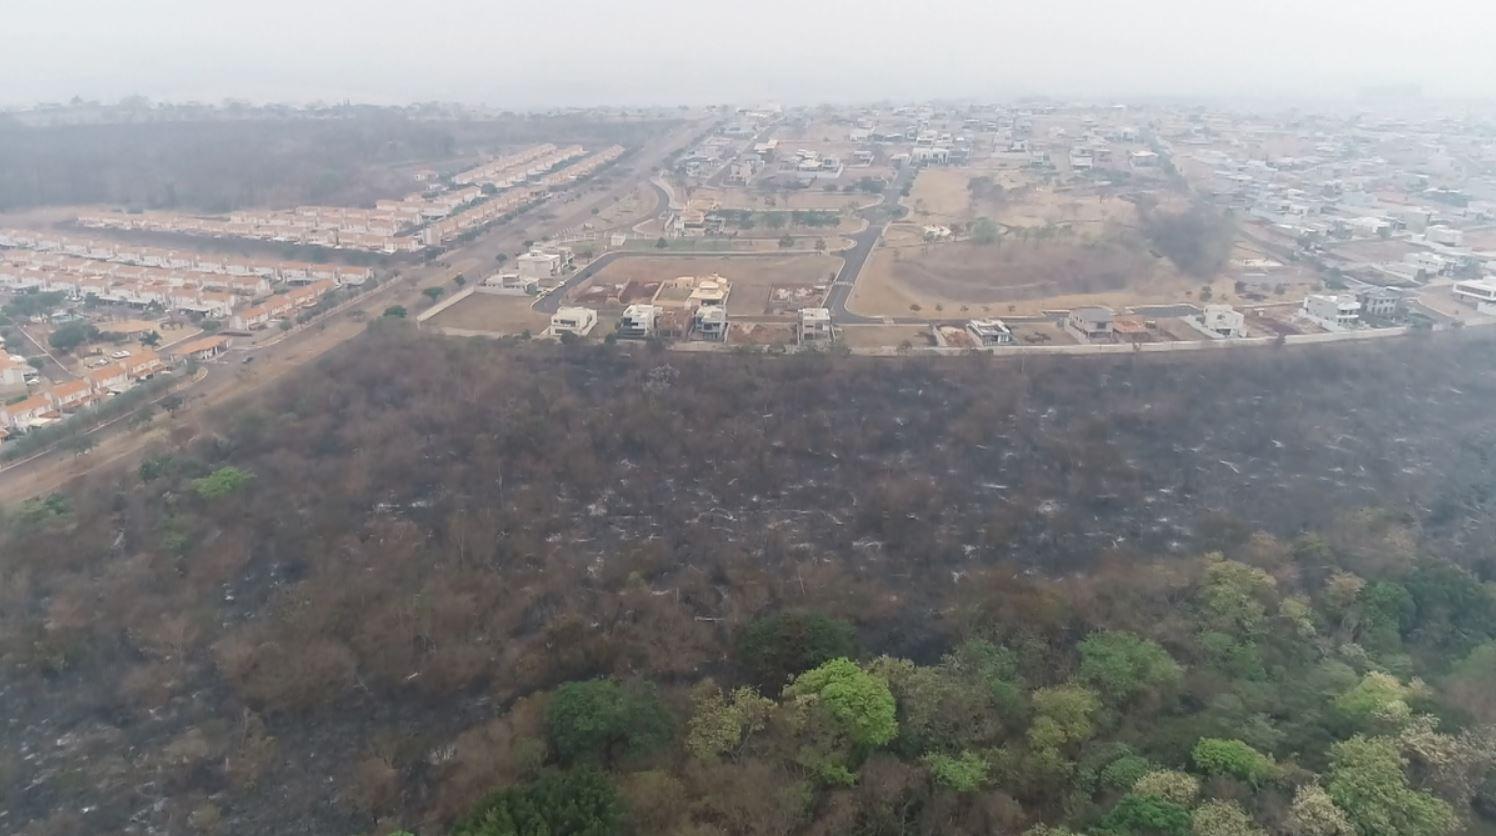 MP busca suspeito de causar incêndio que destruiu área superior a 10 campos de futebol em Ribeirão Preto